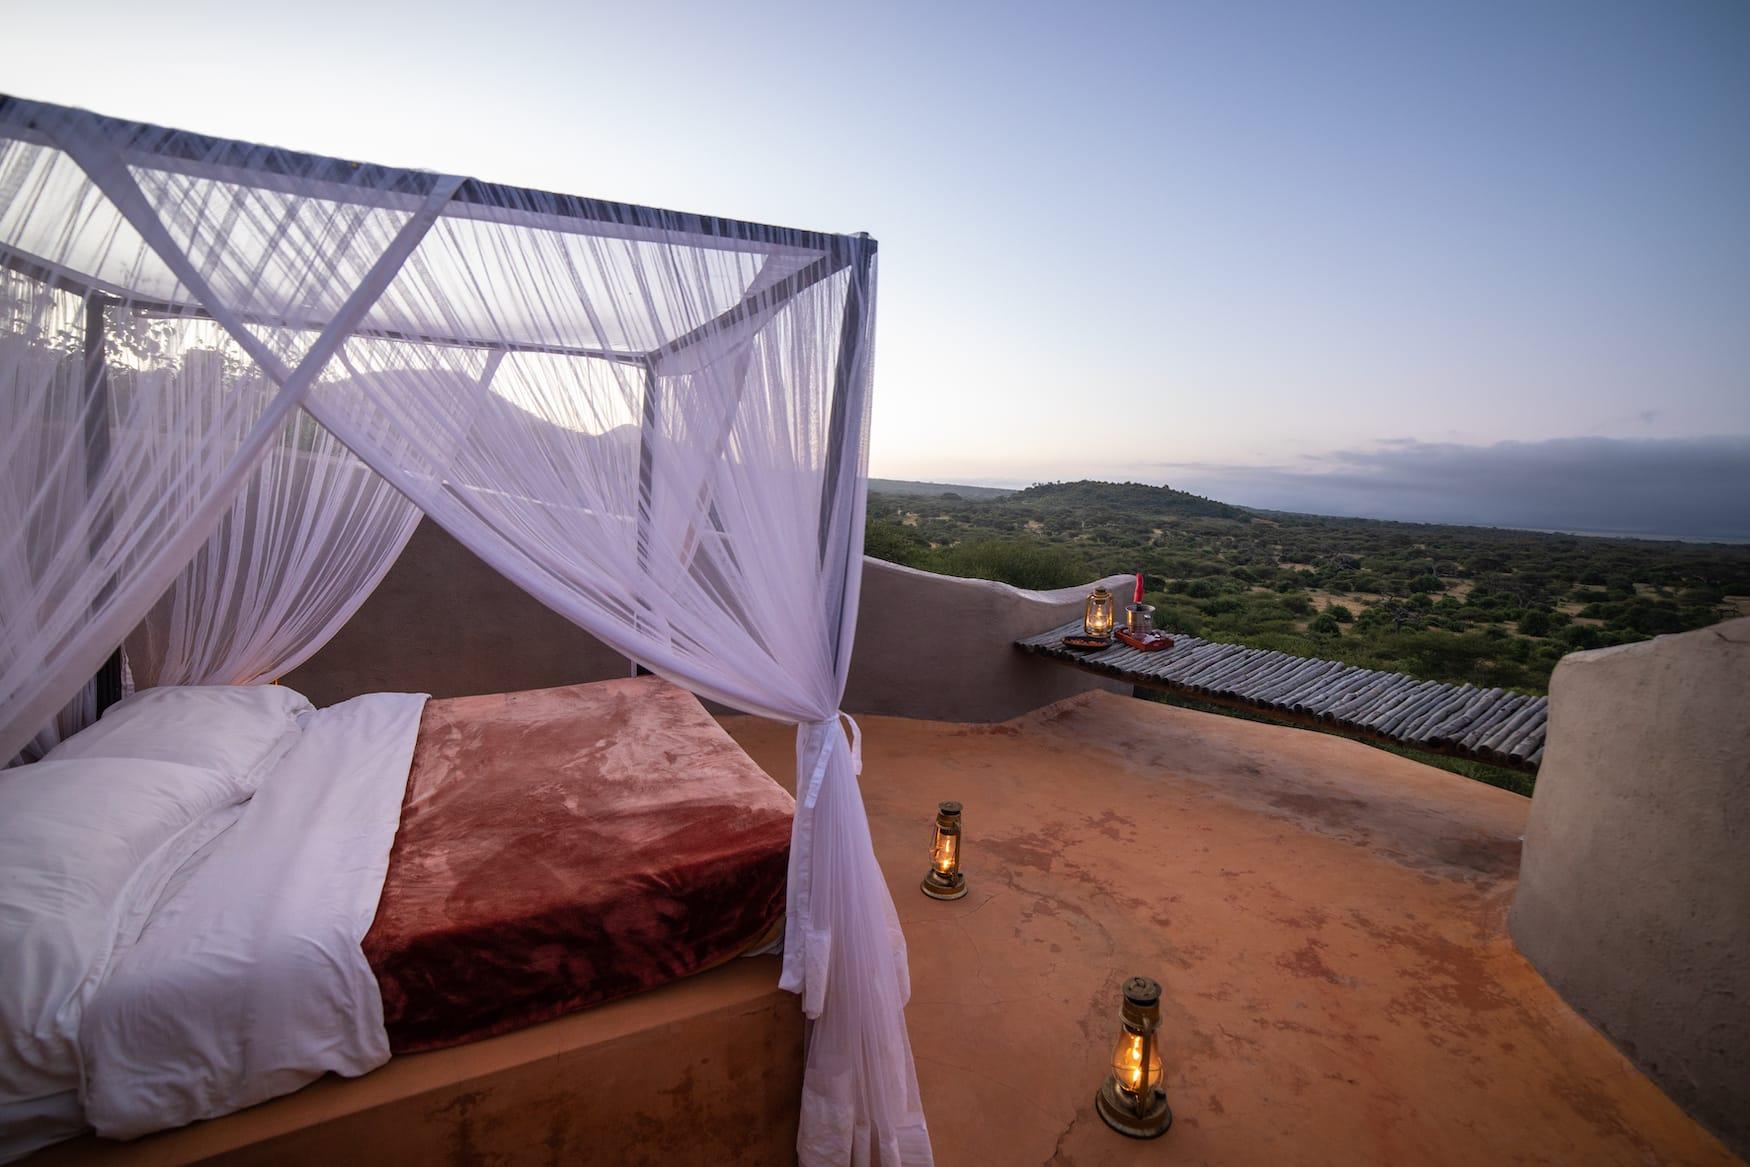 Bett unter freiem Himmel der Ol Donyo Lodge in Kenia, super romantisch für die Flitterwochen